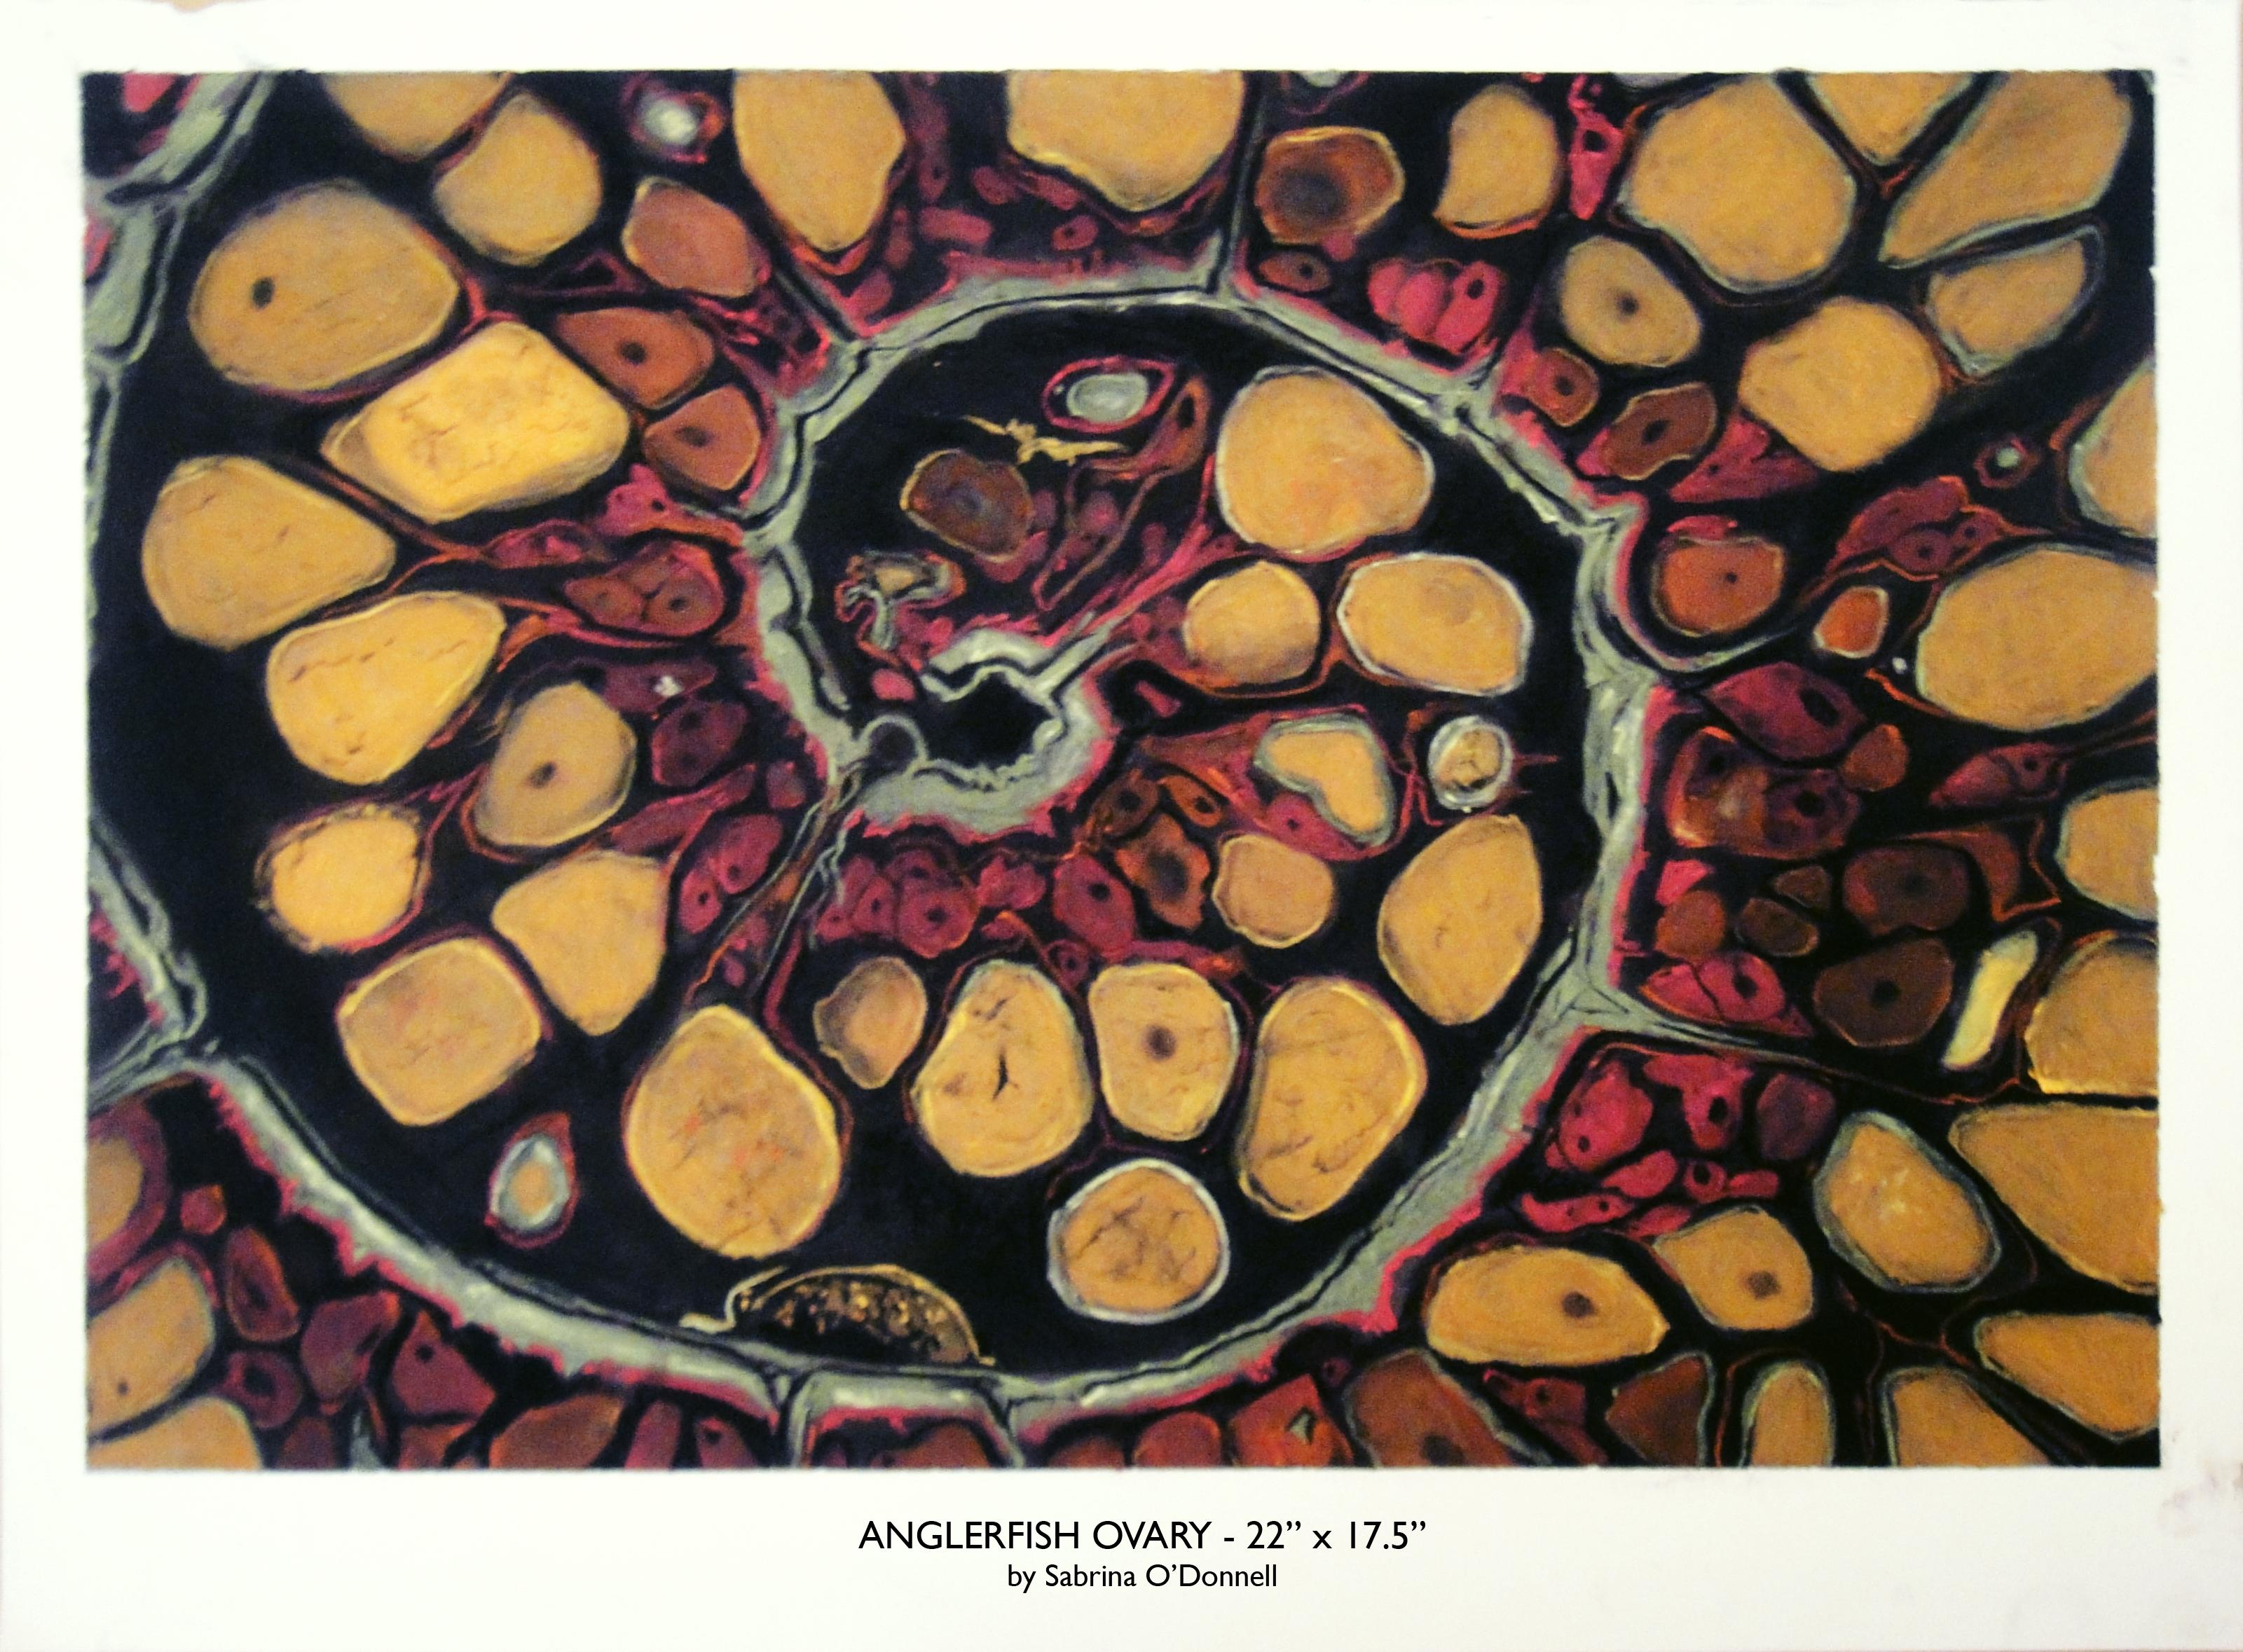 Anglerfish Ovary